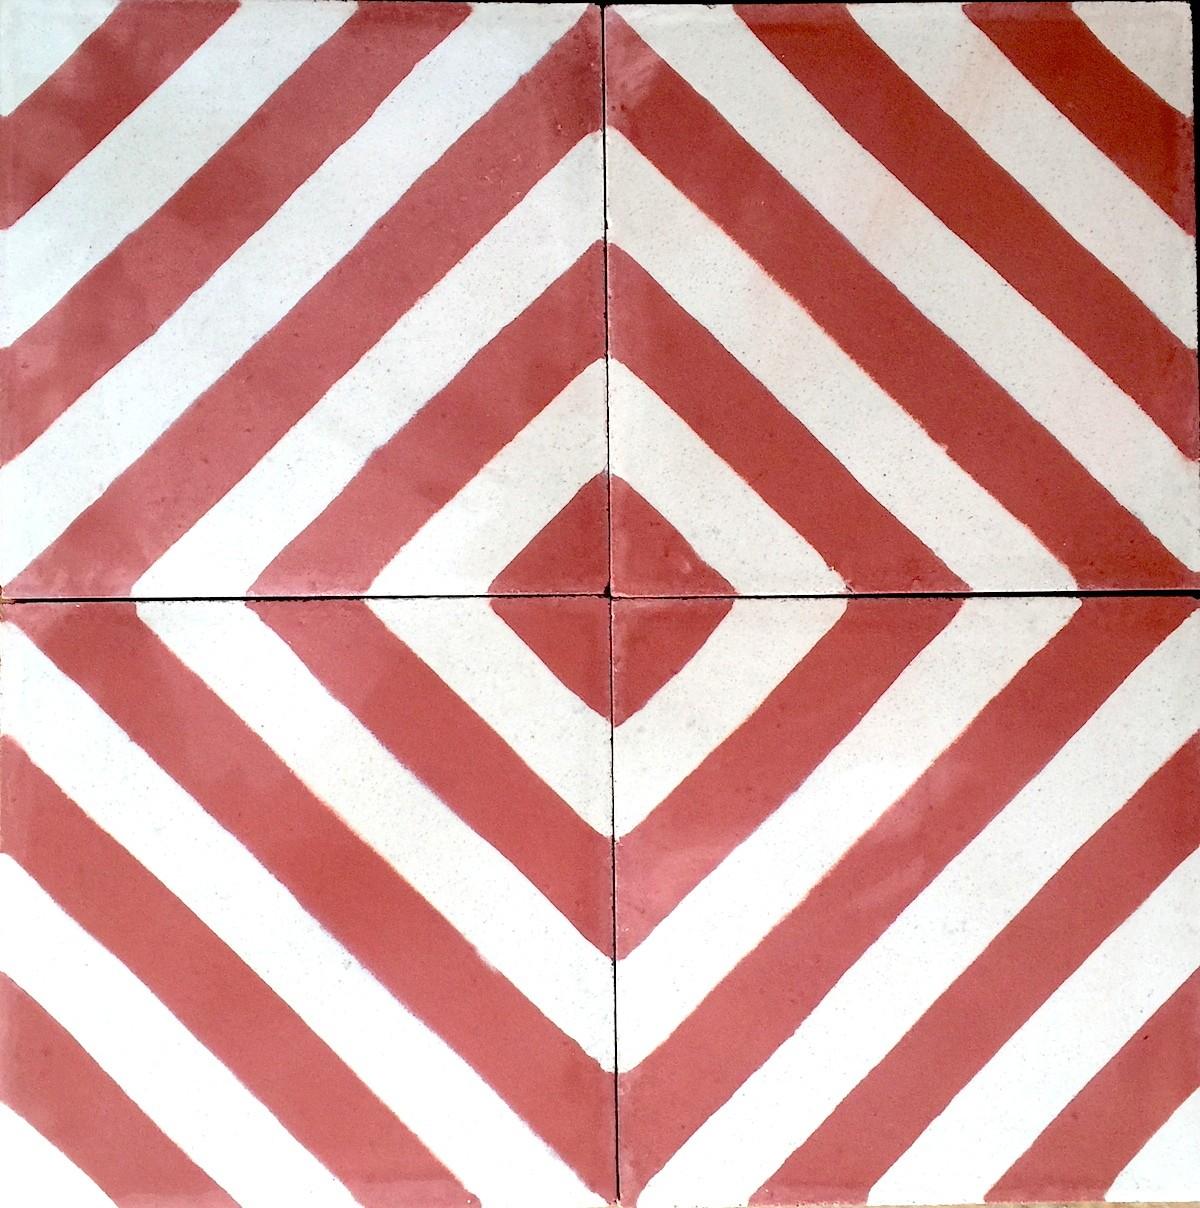 carreaux ciment 1m mur et sol modele chevron rouge carrelage mosaique